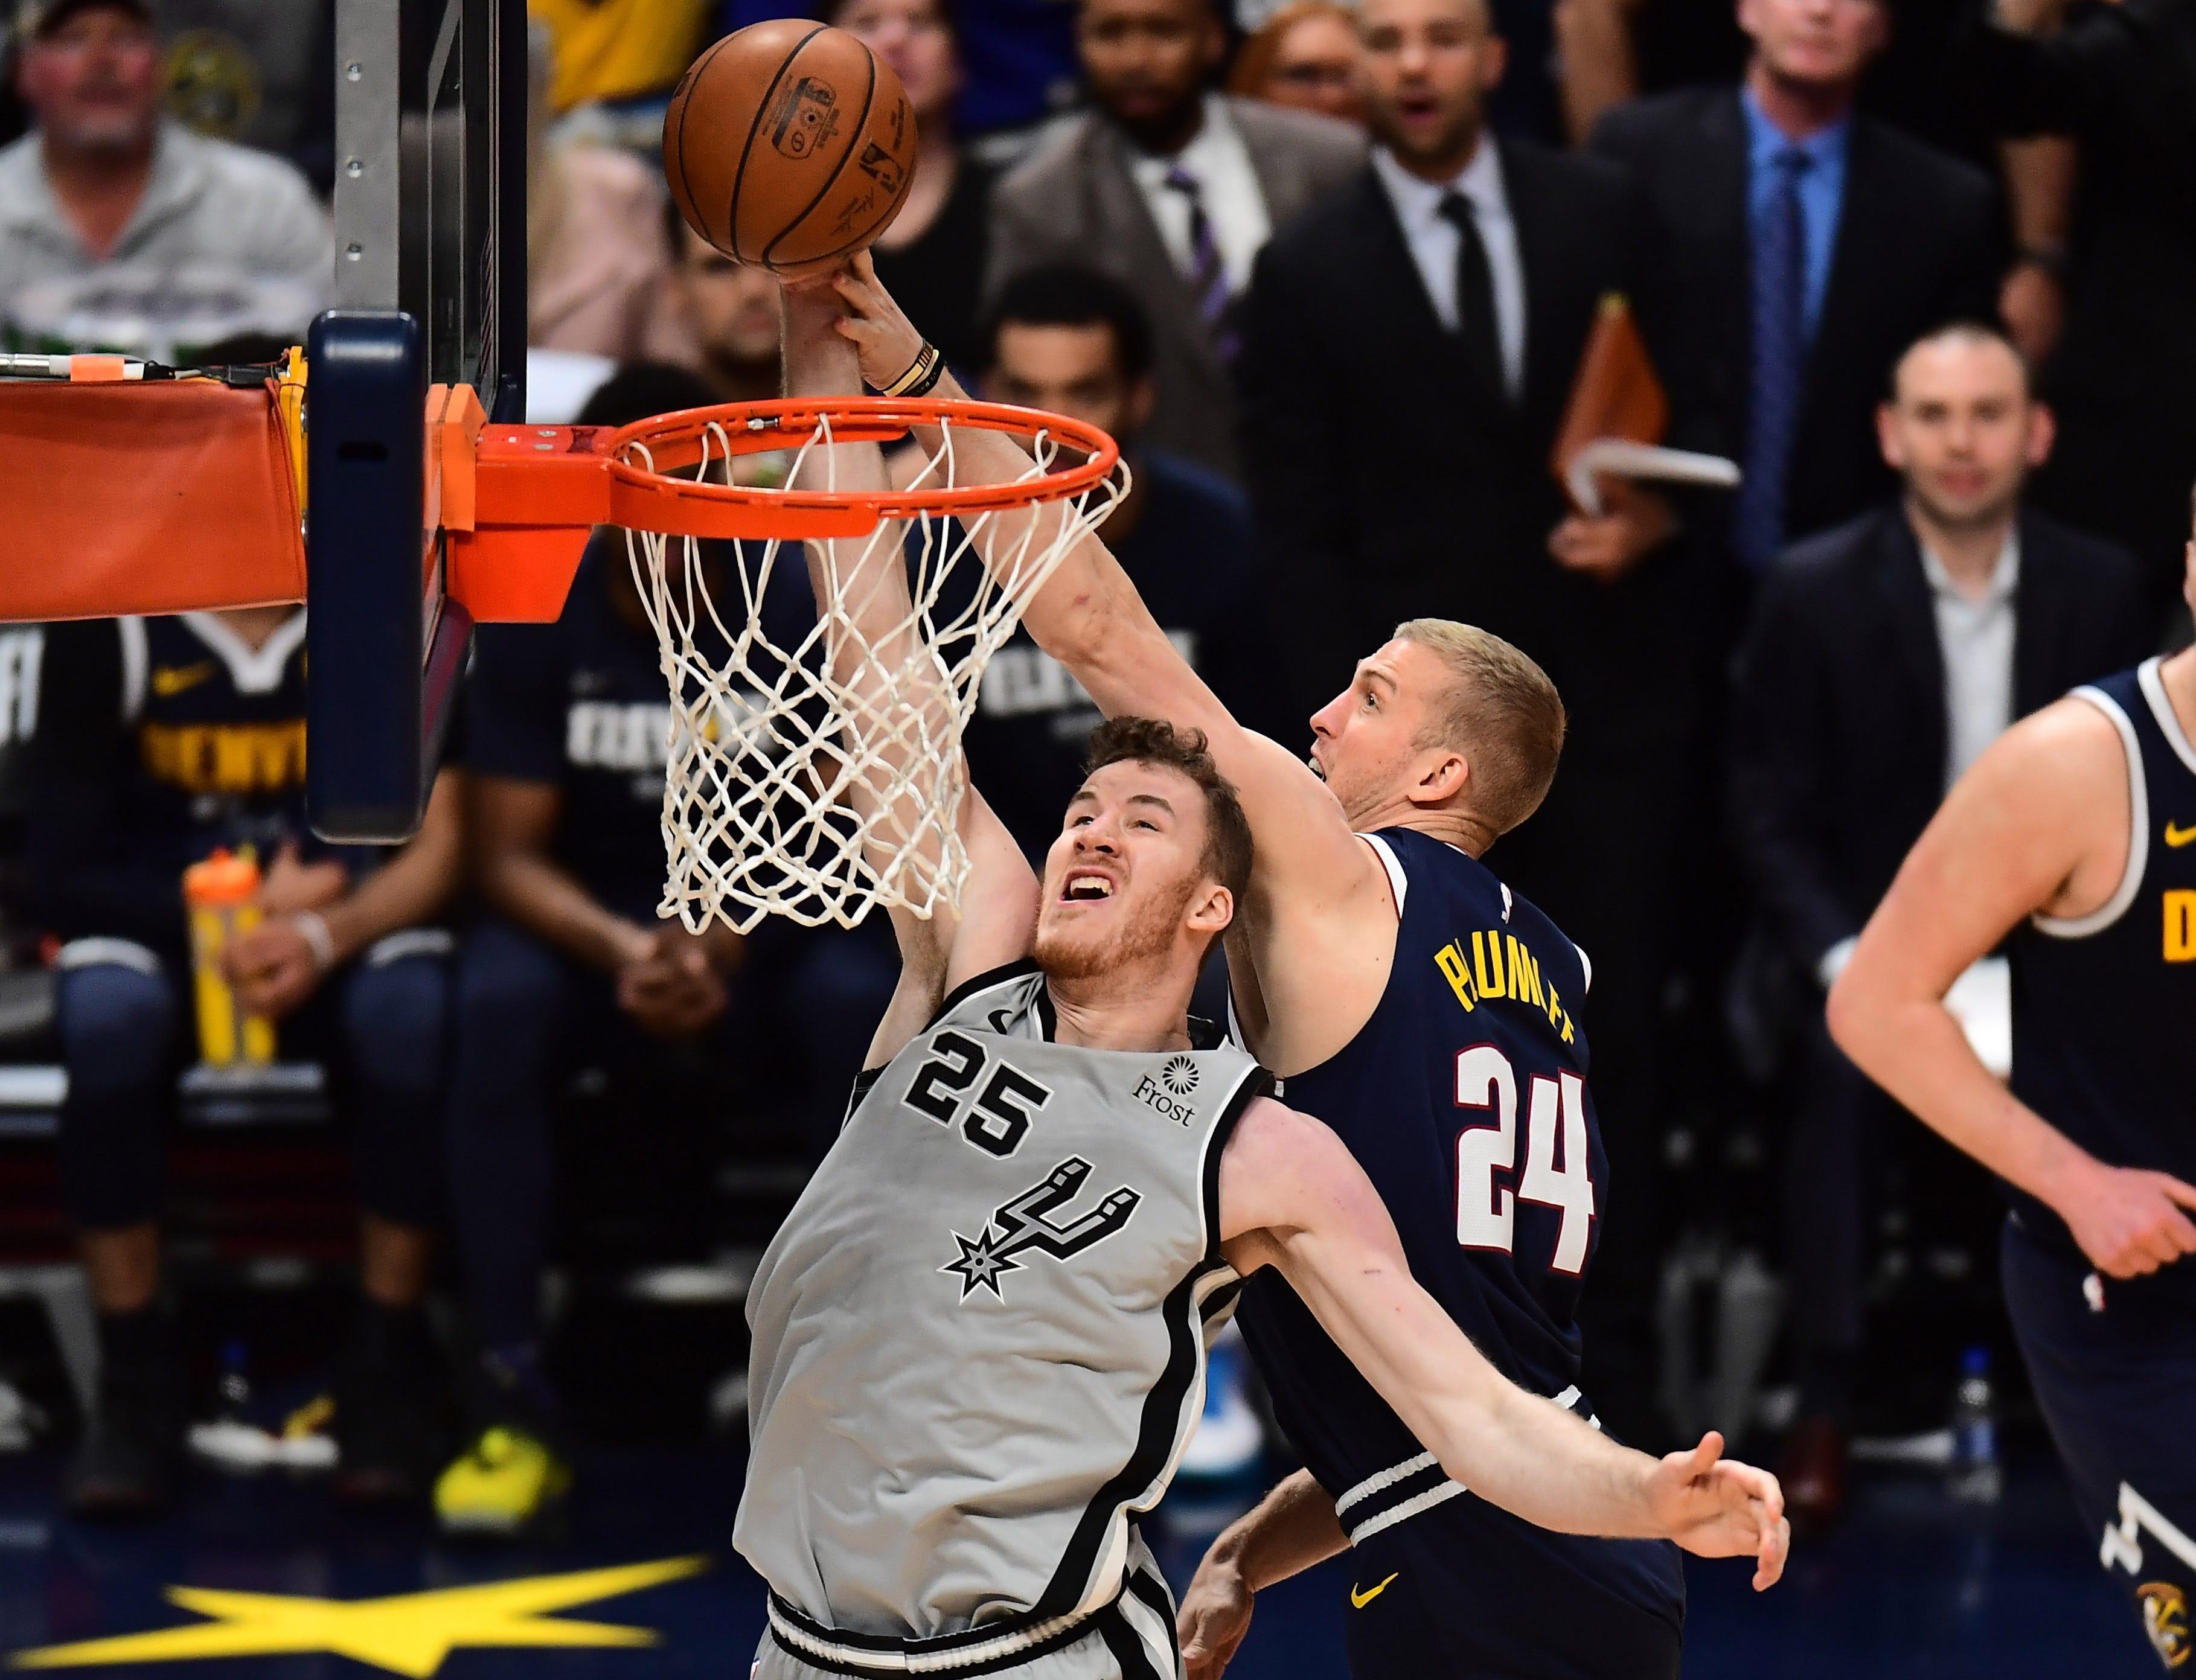 April 27: Nuggets defender Mason Plumlee (24) blocks a shot attempt by Spurs center Jakob Poeltl (25) during Game 7.